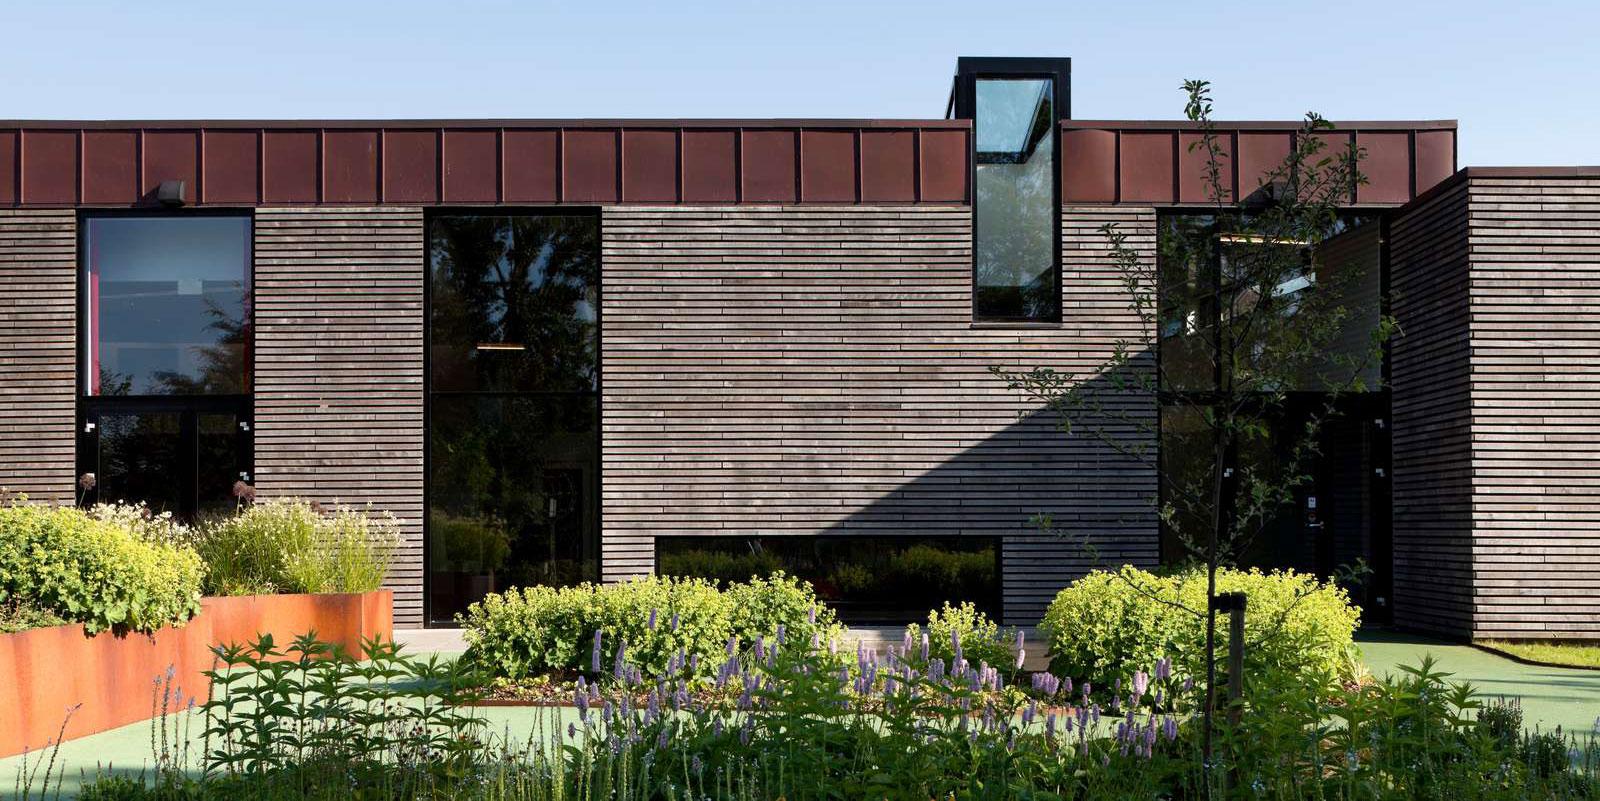 Bygning med vinduer, kobbertag og træfacade og grønne planter foran